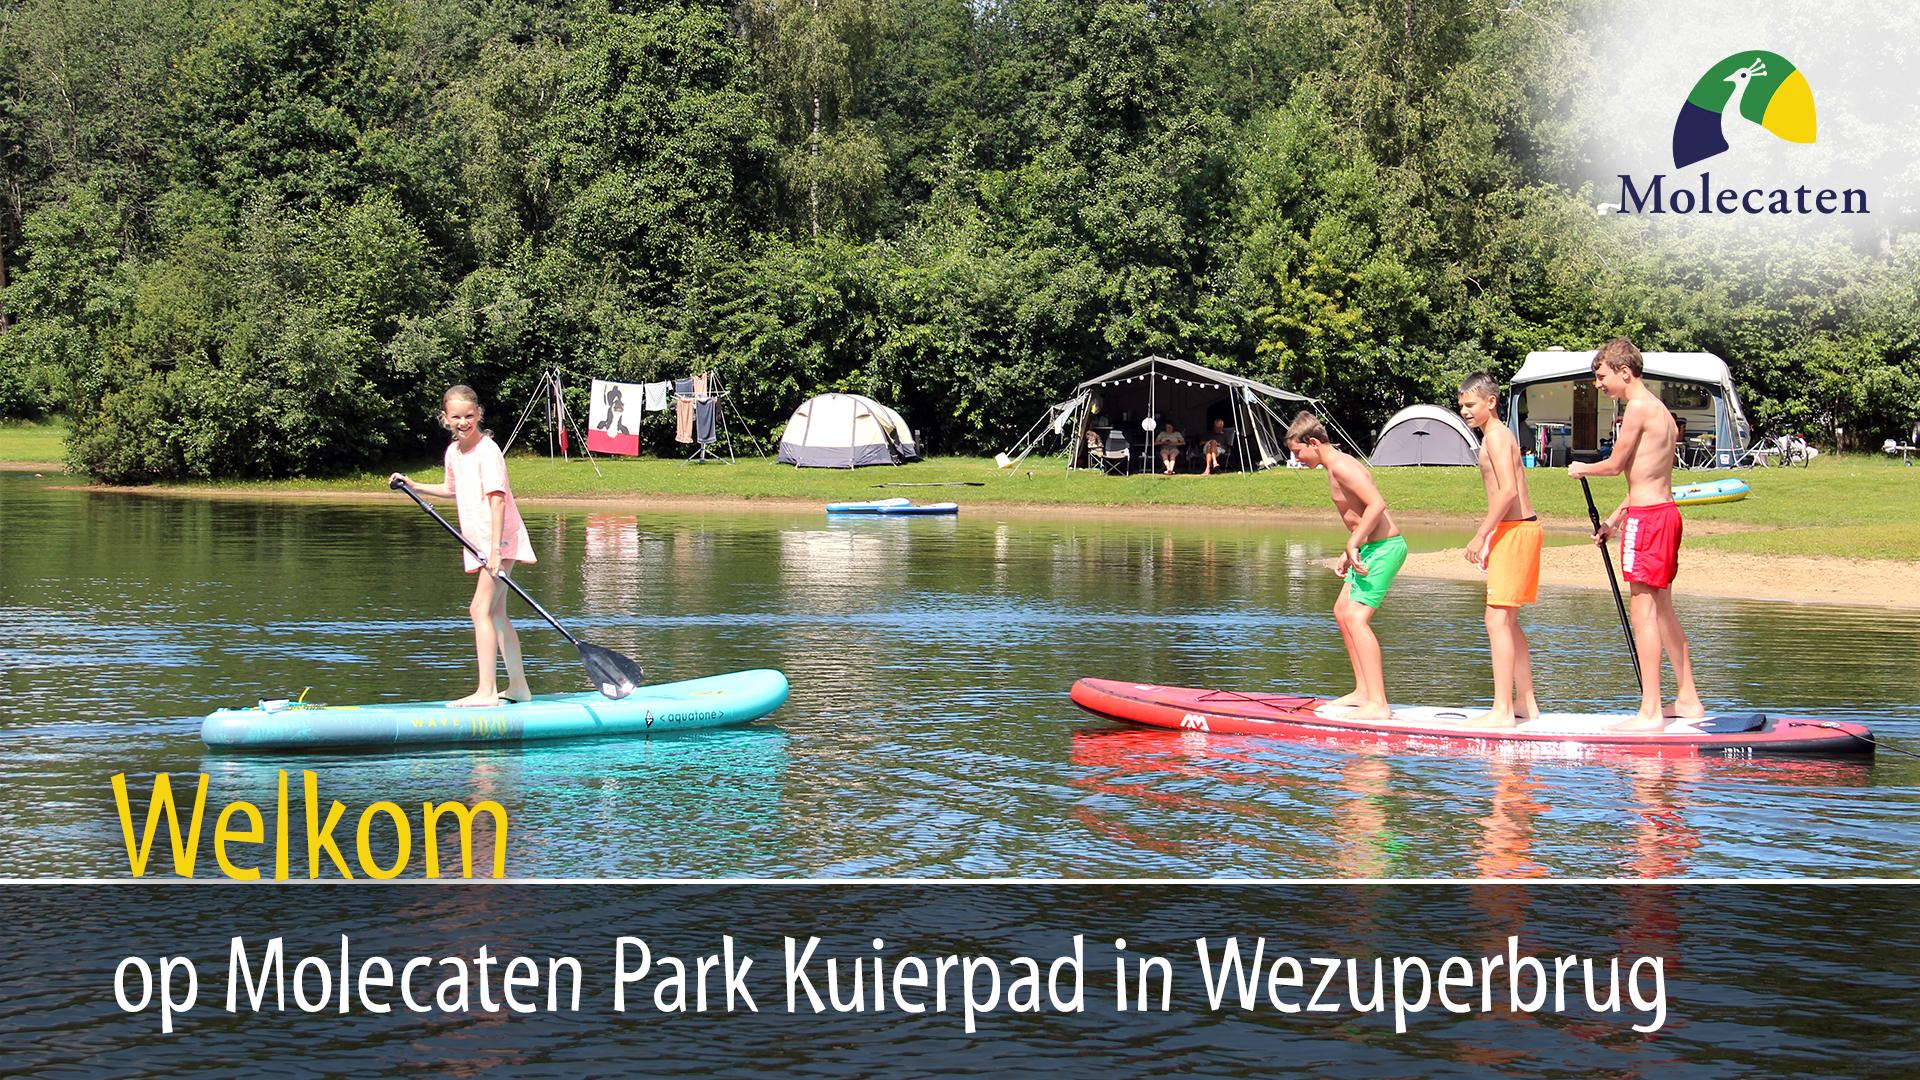 Molecaten Park Kuierpad in Wezuperbrug 2